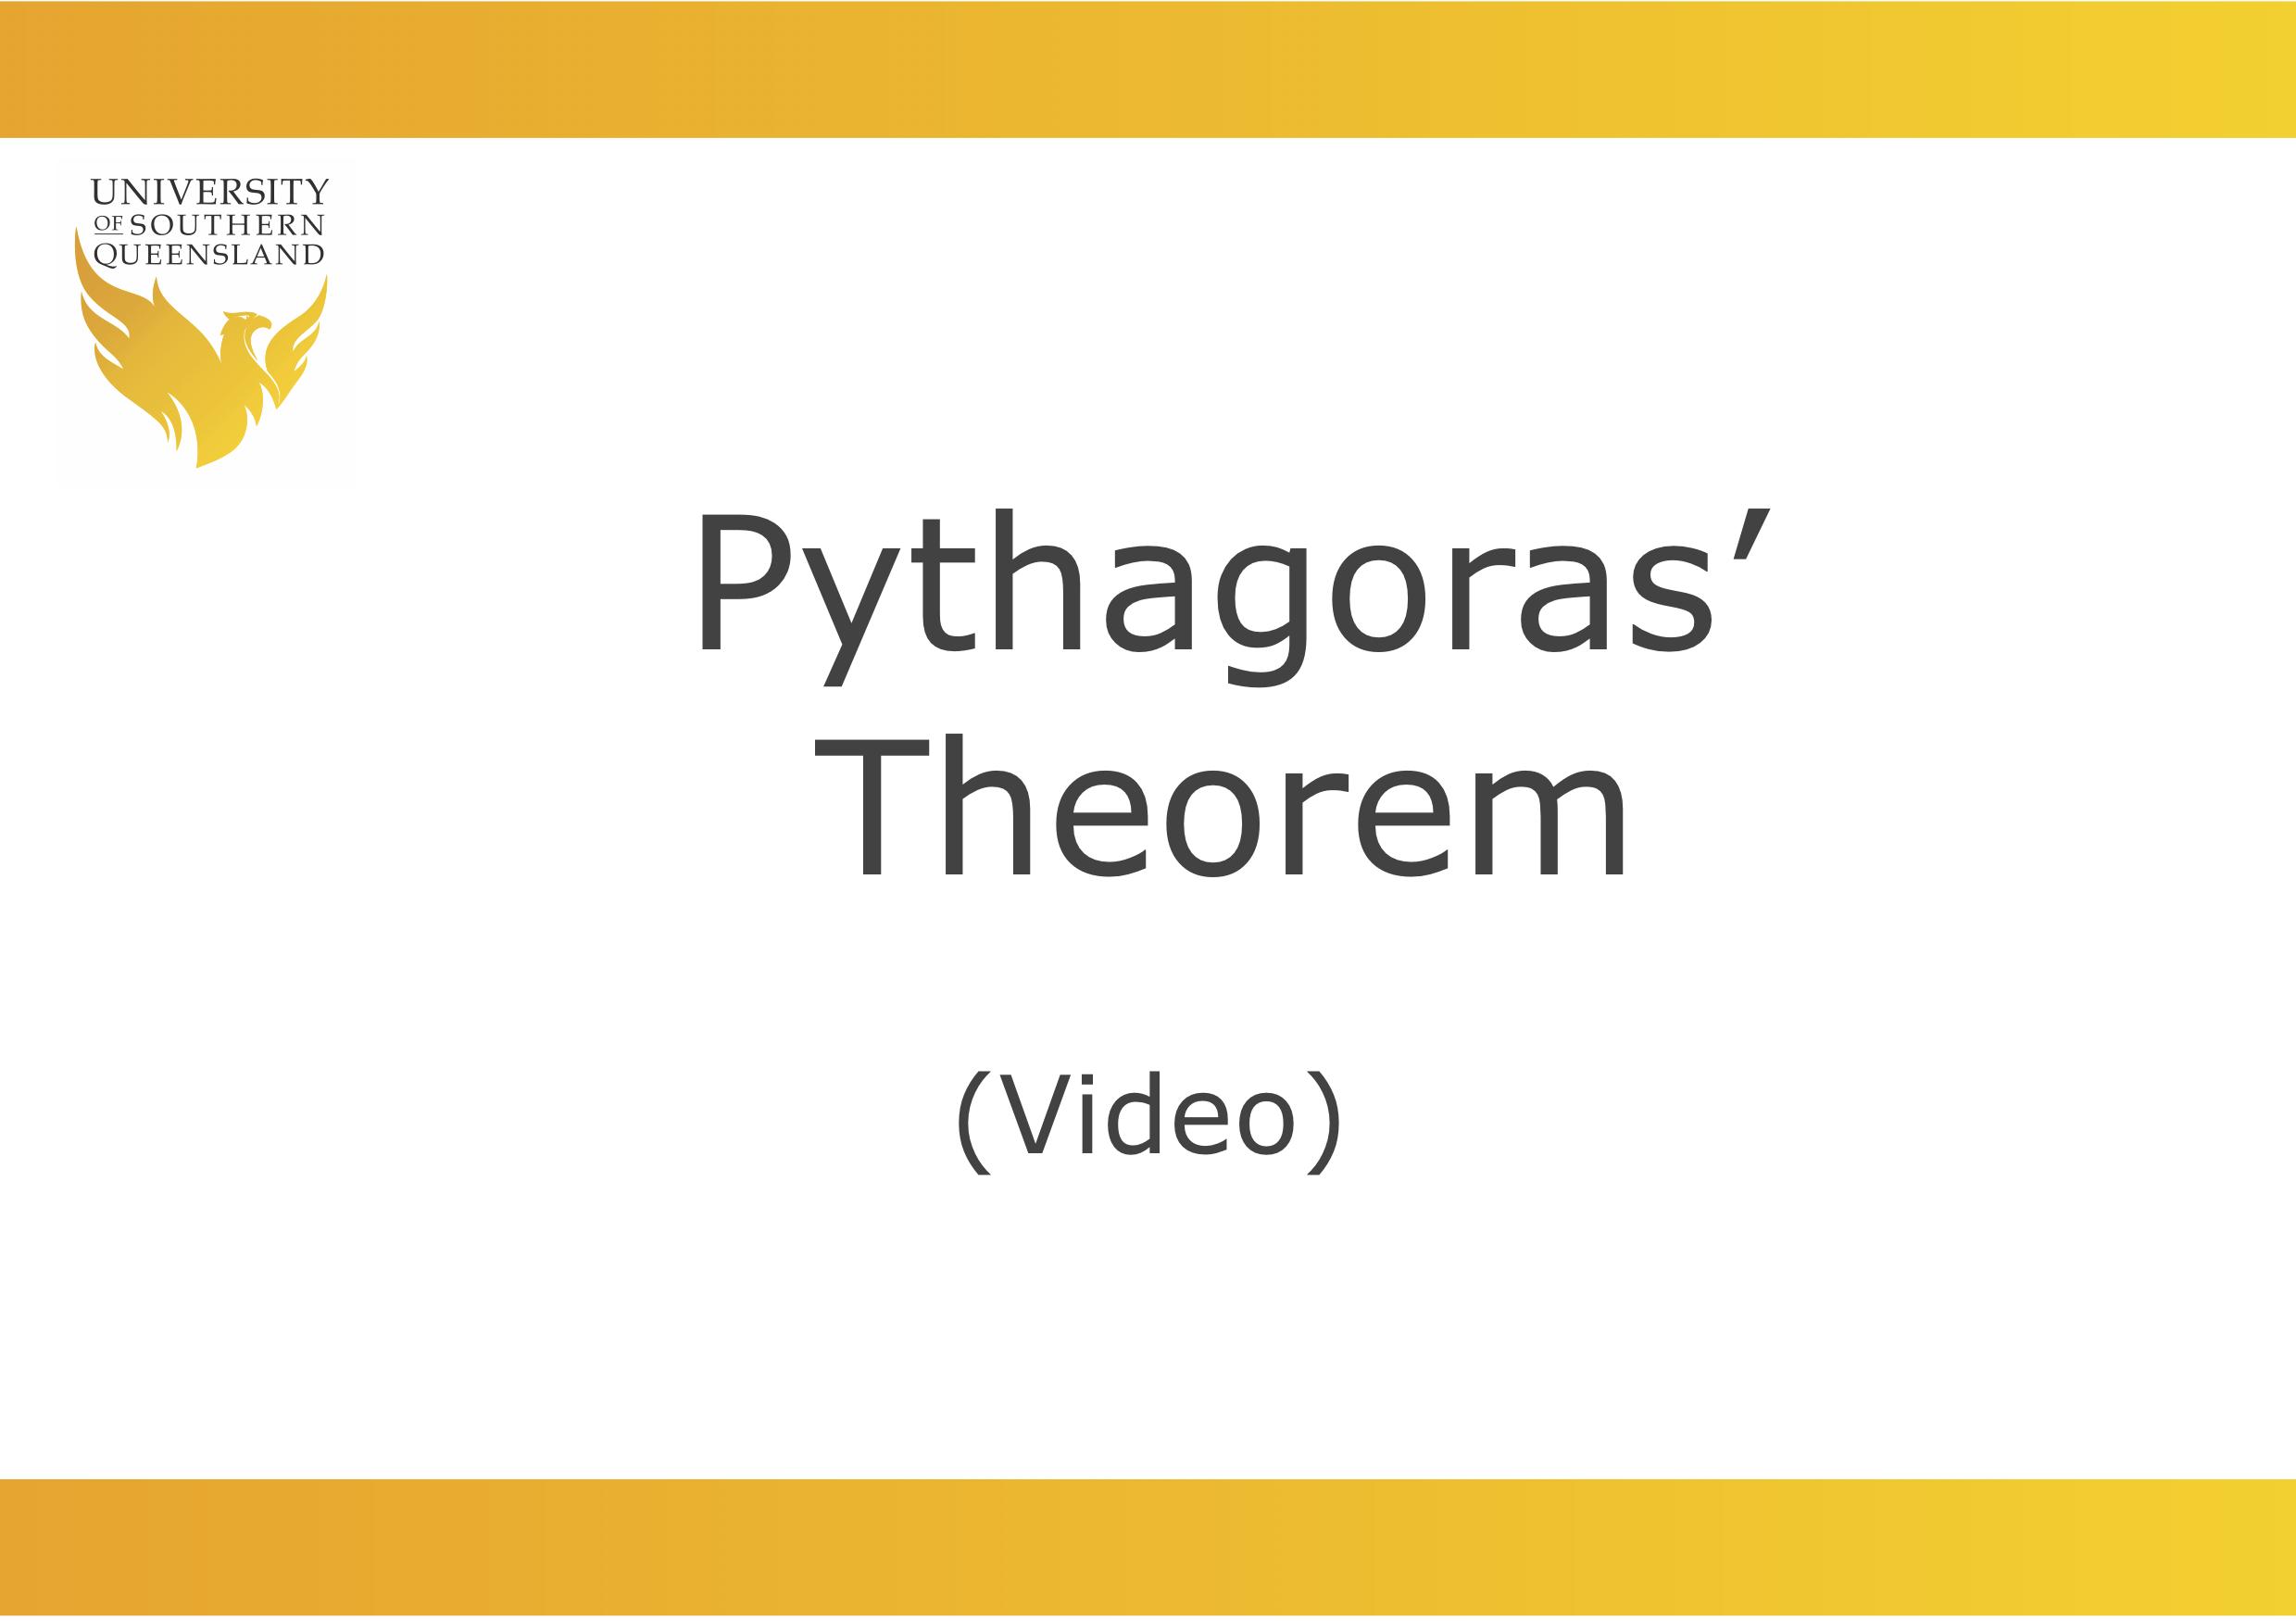 Pythagoras' Theorem video link